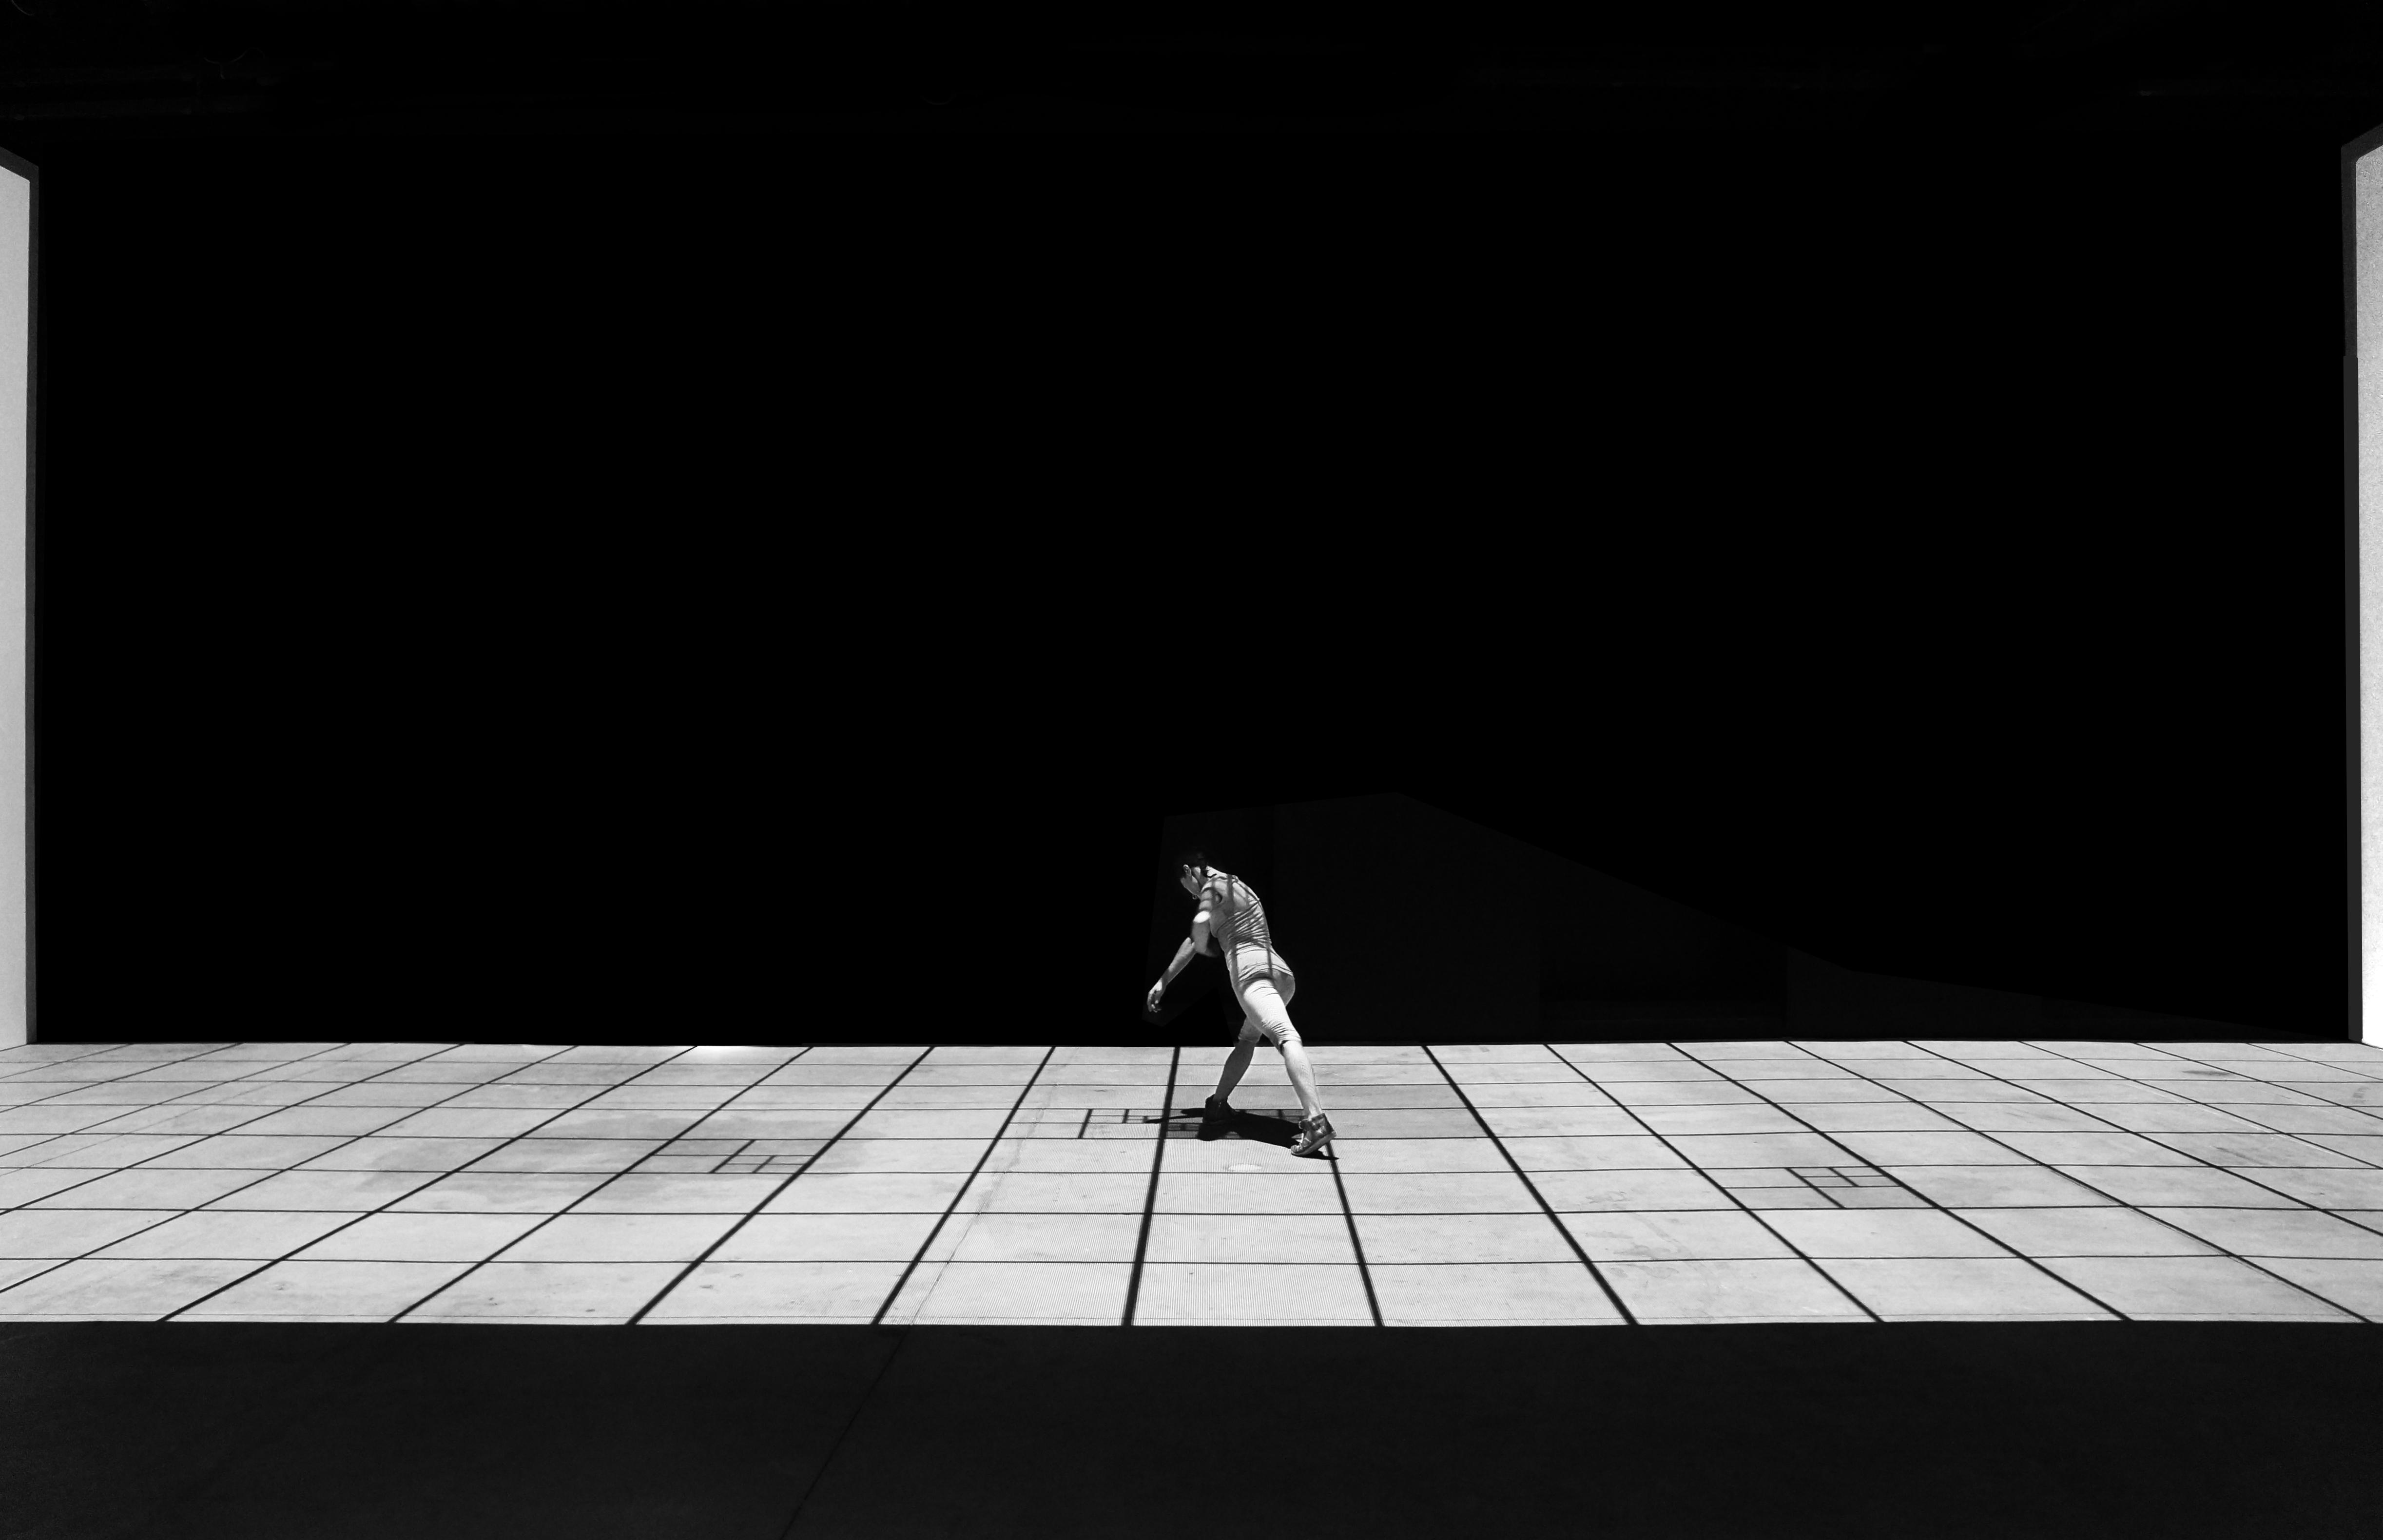 _001_ image by Bika Rebek